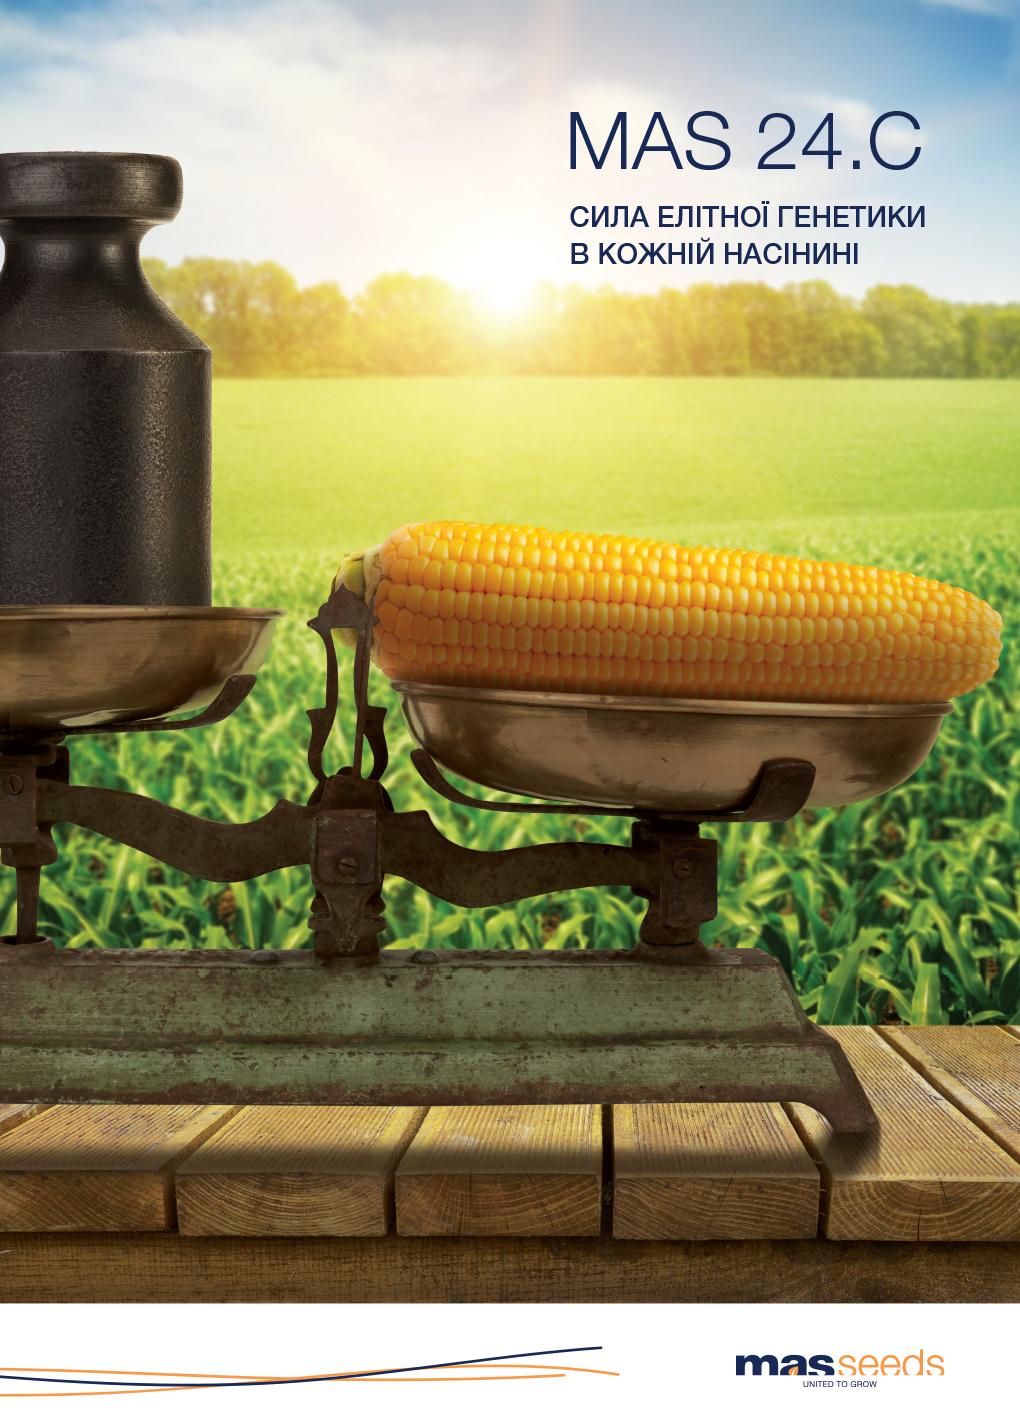 Corn_MAS 24.С_A4